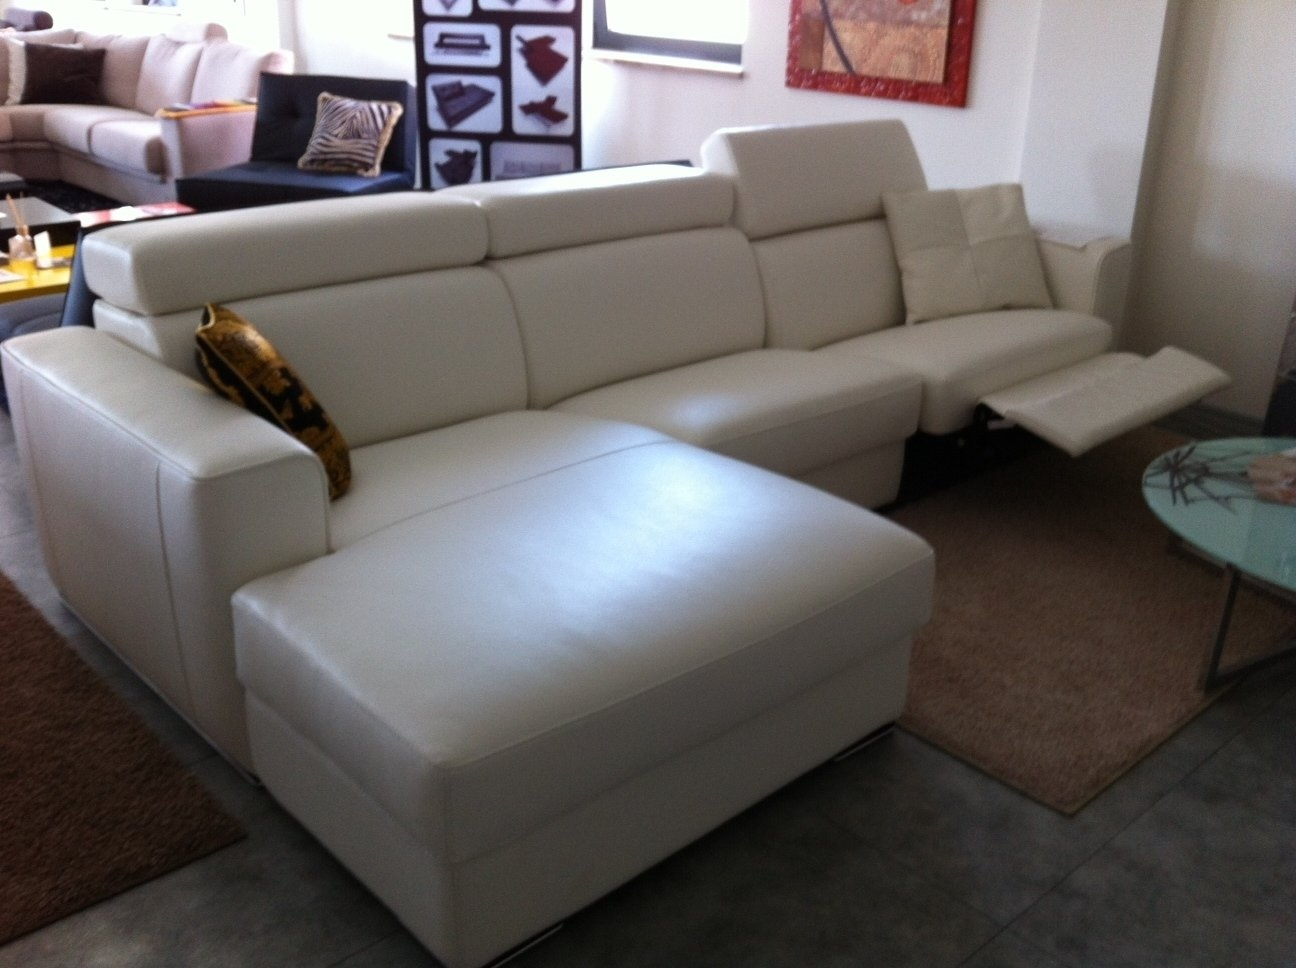 Offerta divano in pelle relax divani a prezzi scontati for Divano letto in pelle prezzi